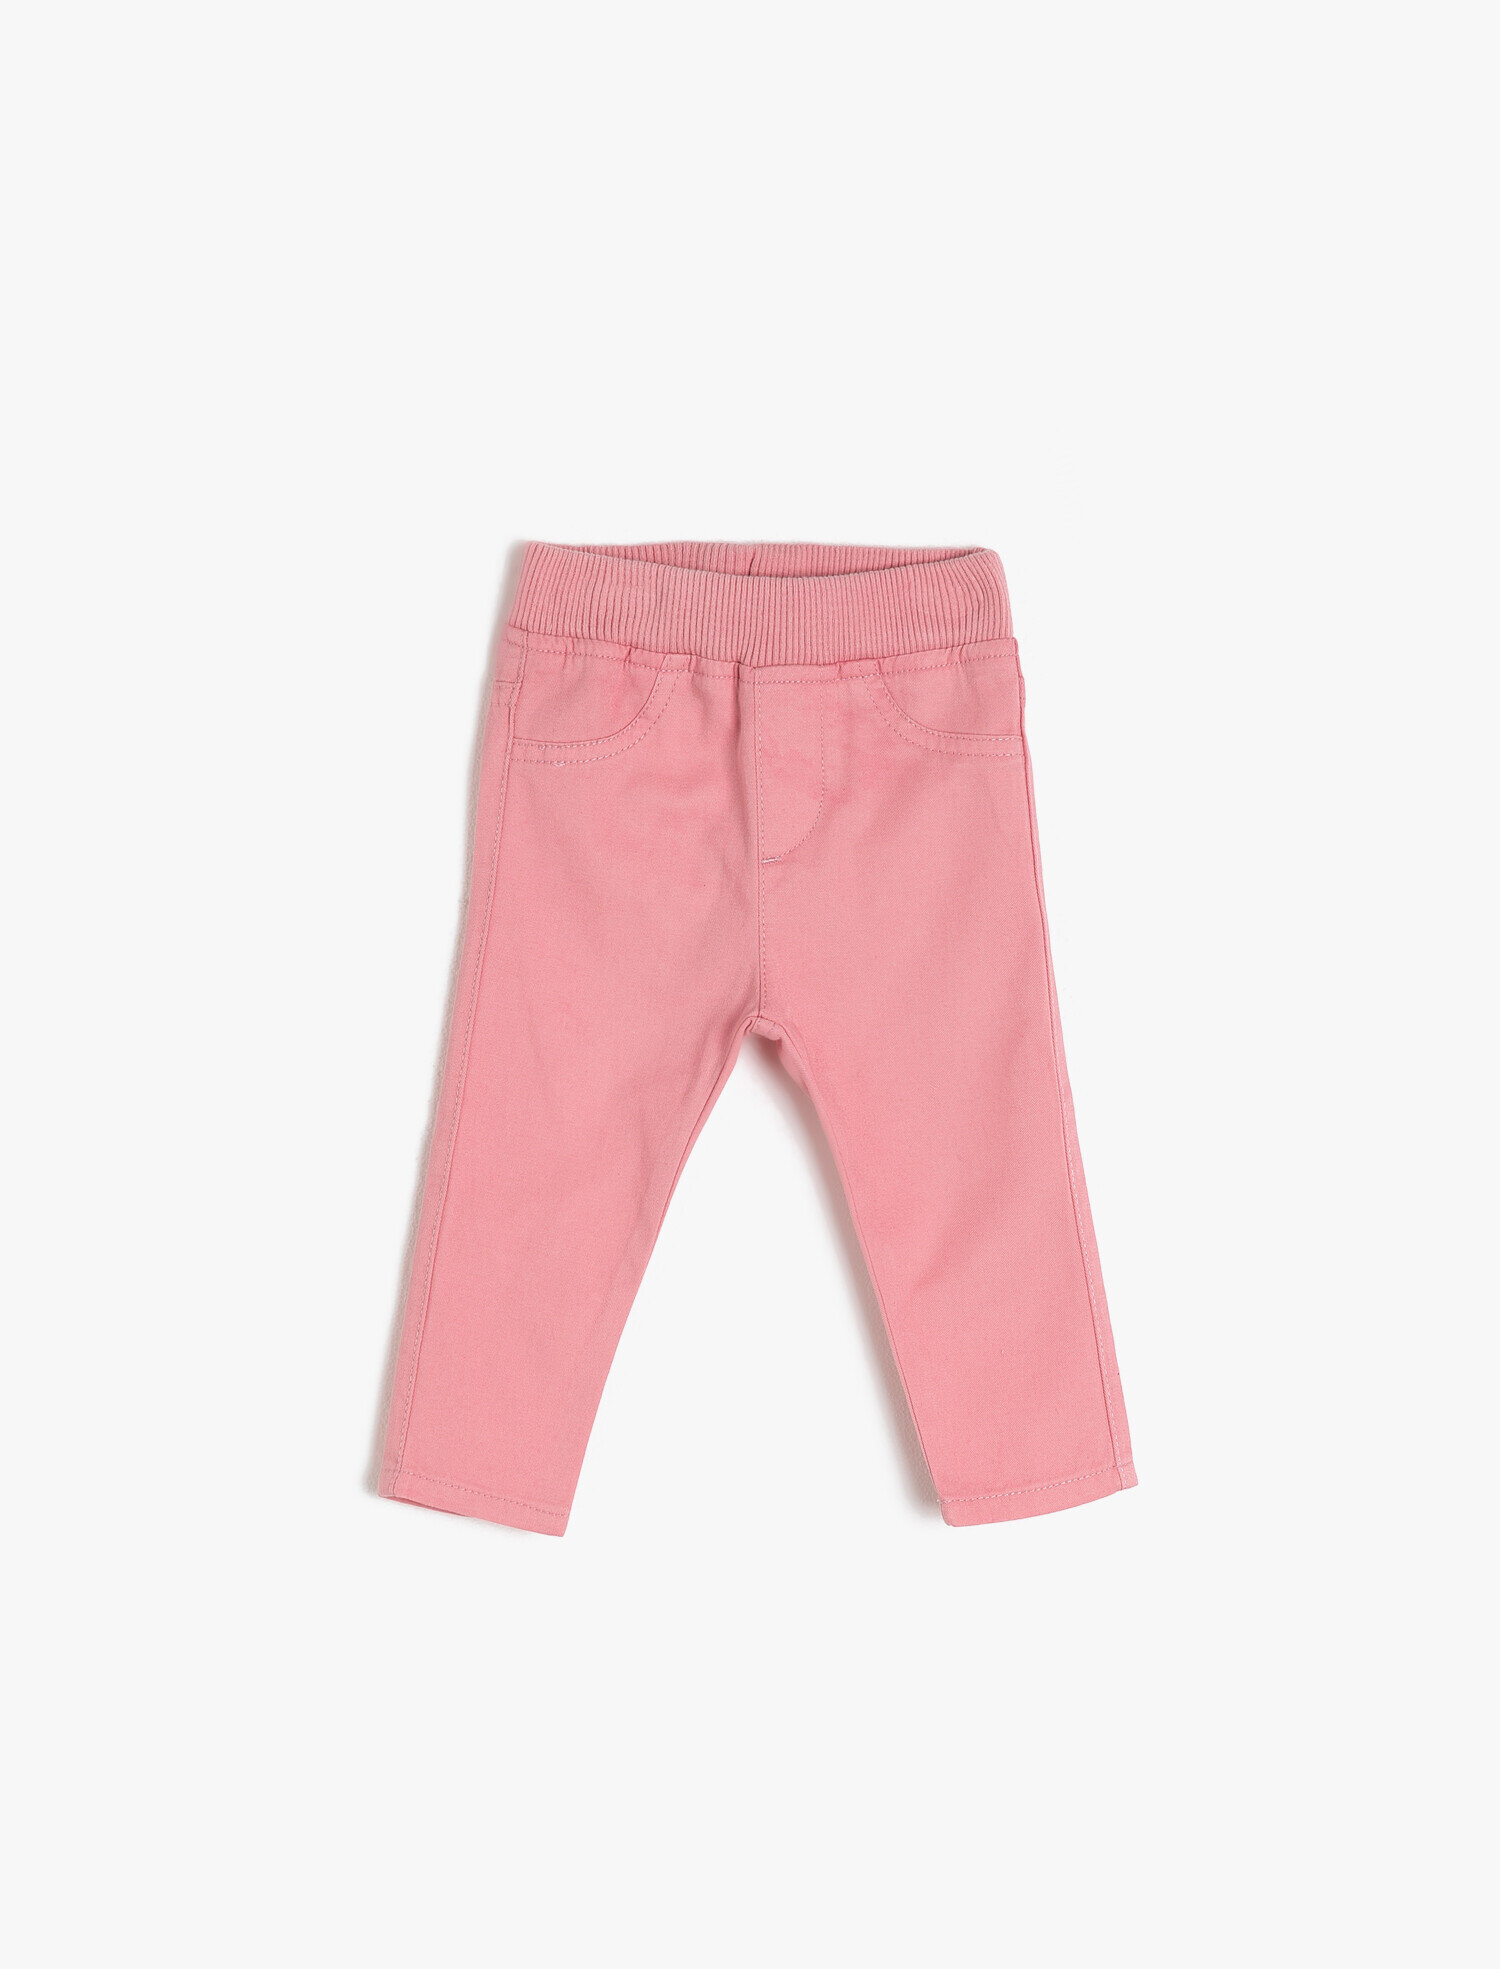 Koton Kız Çocuk Rahat Kesim Pantolon